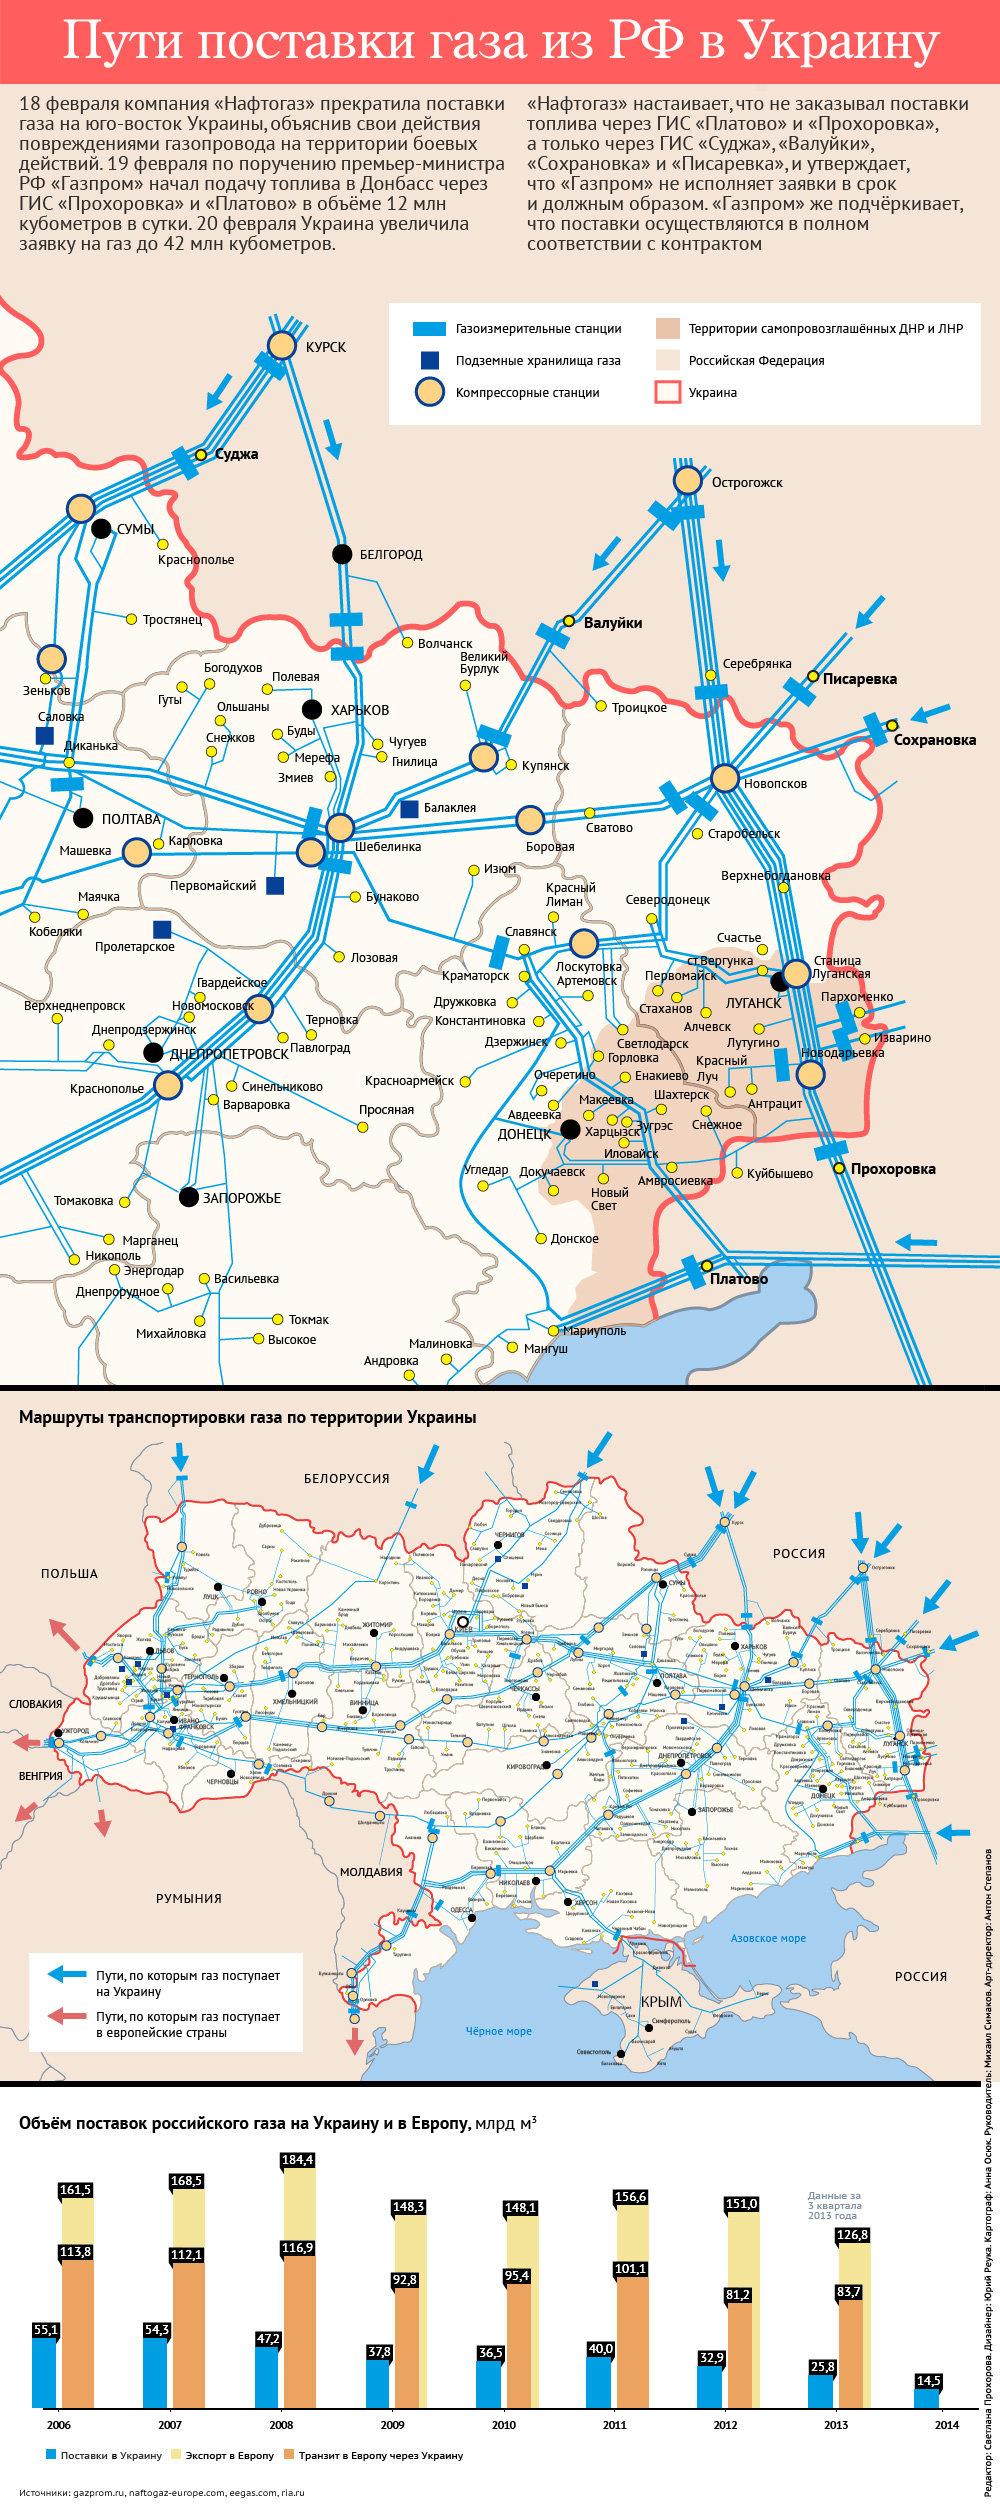 Маршруты поставок газа в Украину. Инфографика